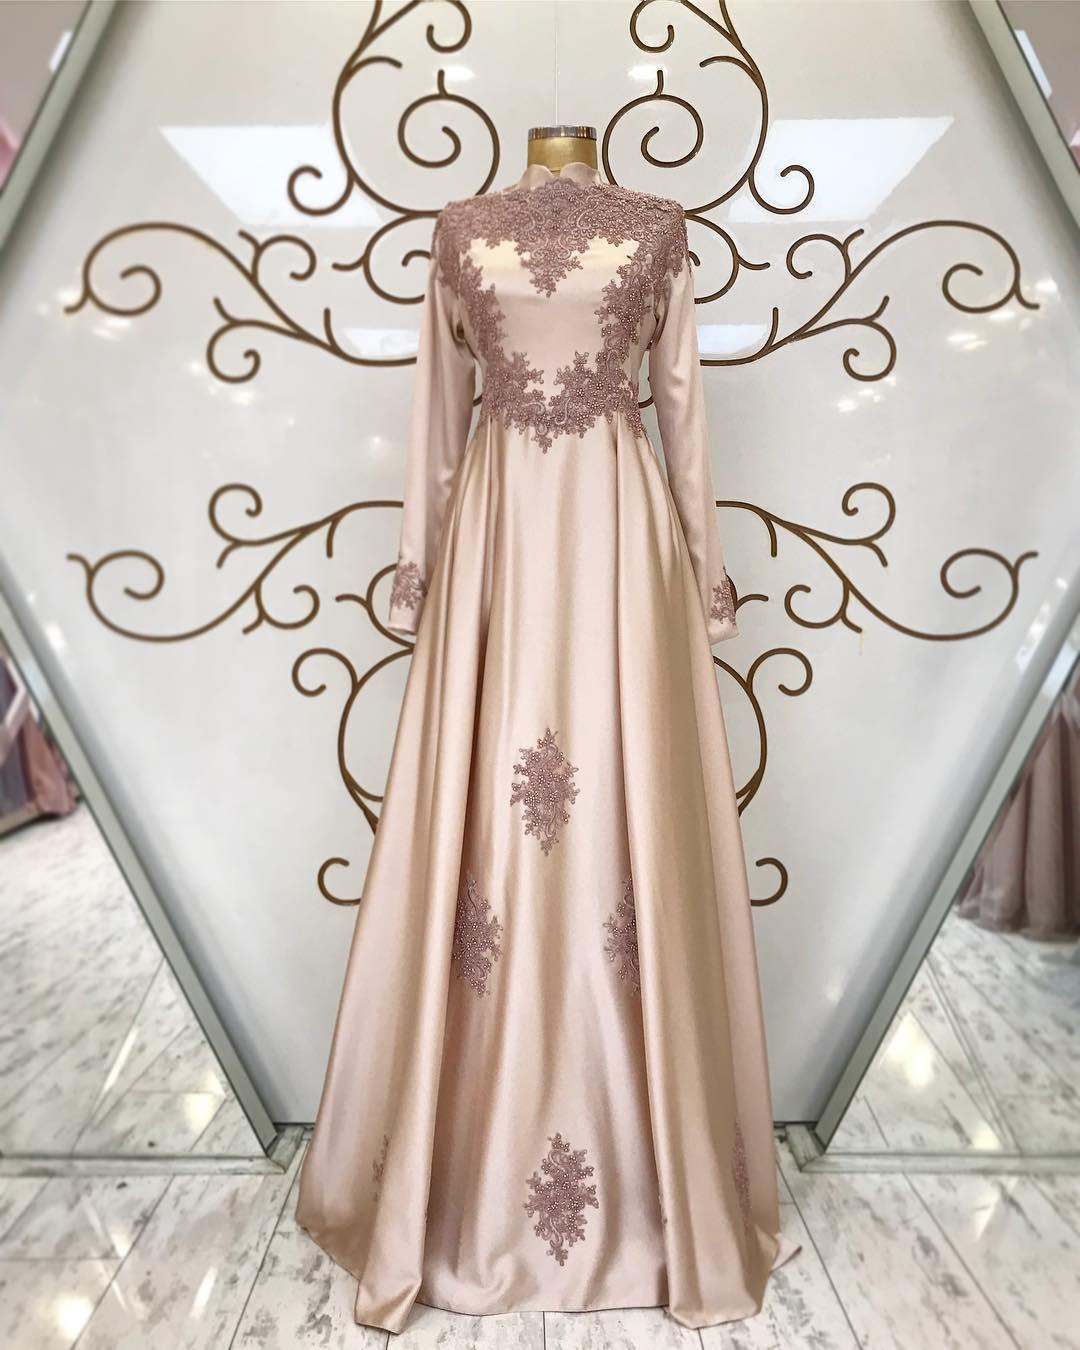 2018 Tesettür Abiye Elbise Modelleri 6 - Tesettür Abiye Elbise Mağazaları